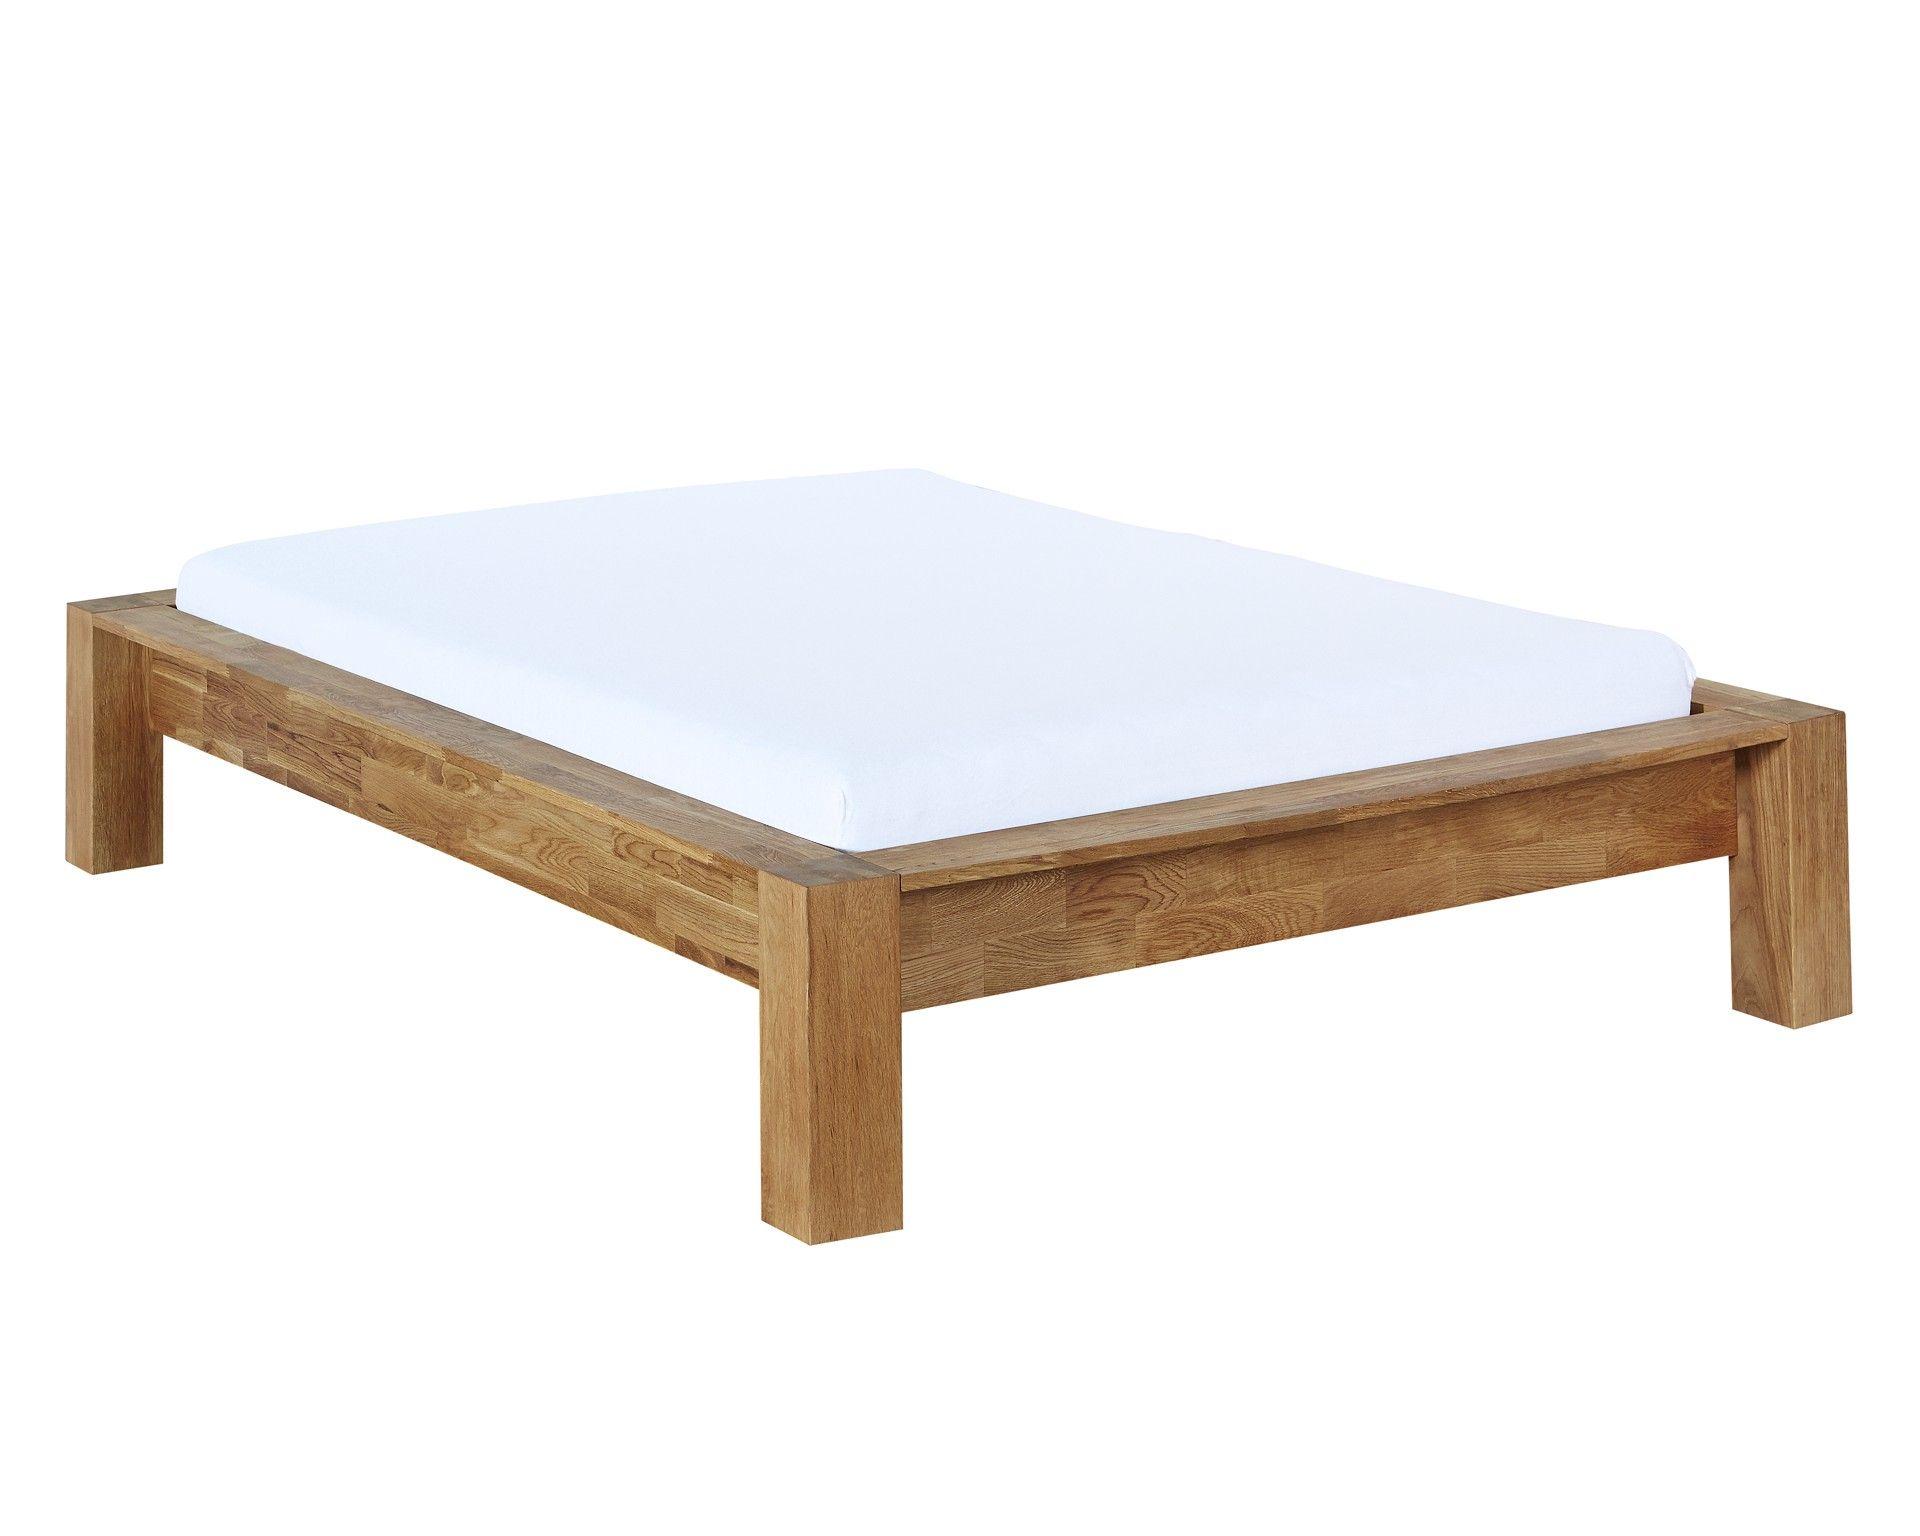 Polsterbetten Mit Bettkasten 180x200 Betten Abc 180x200